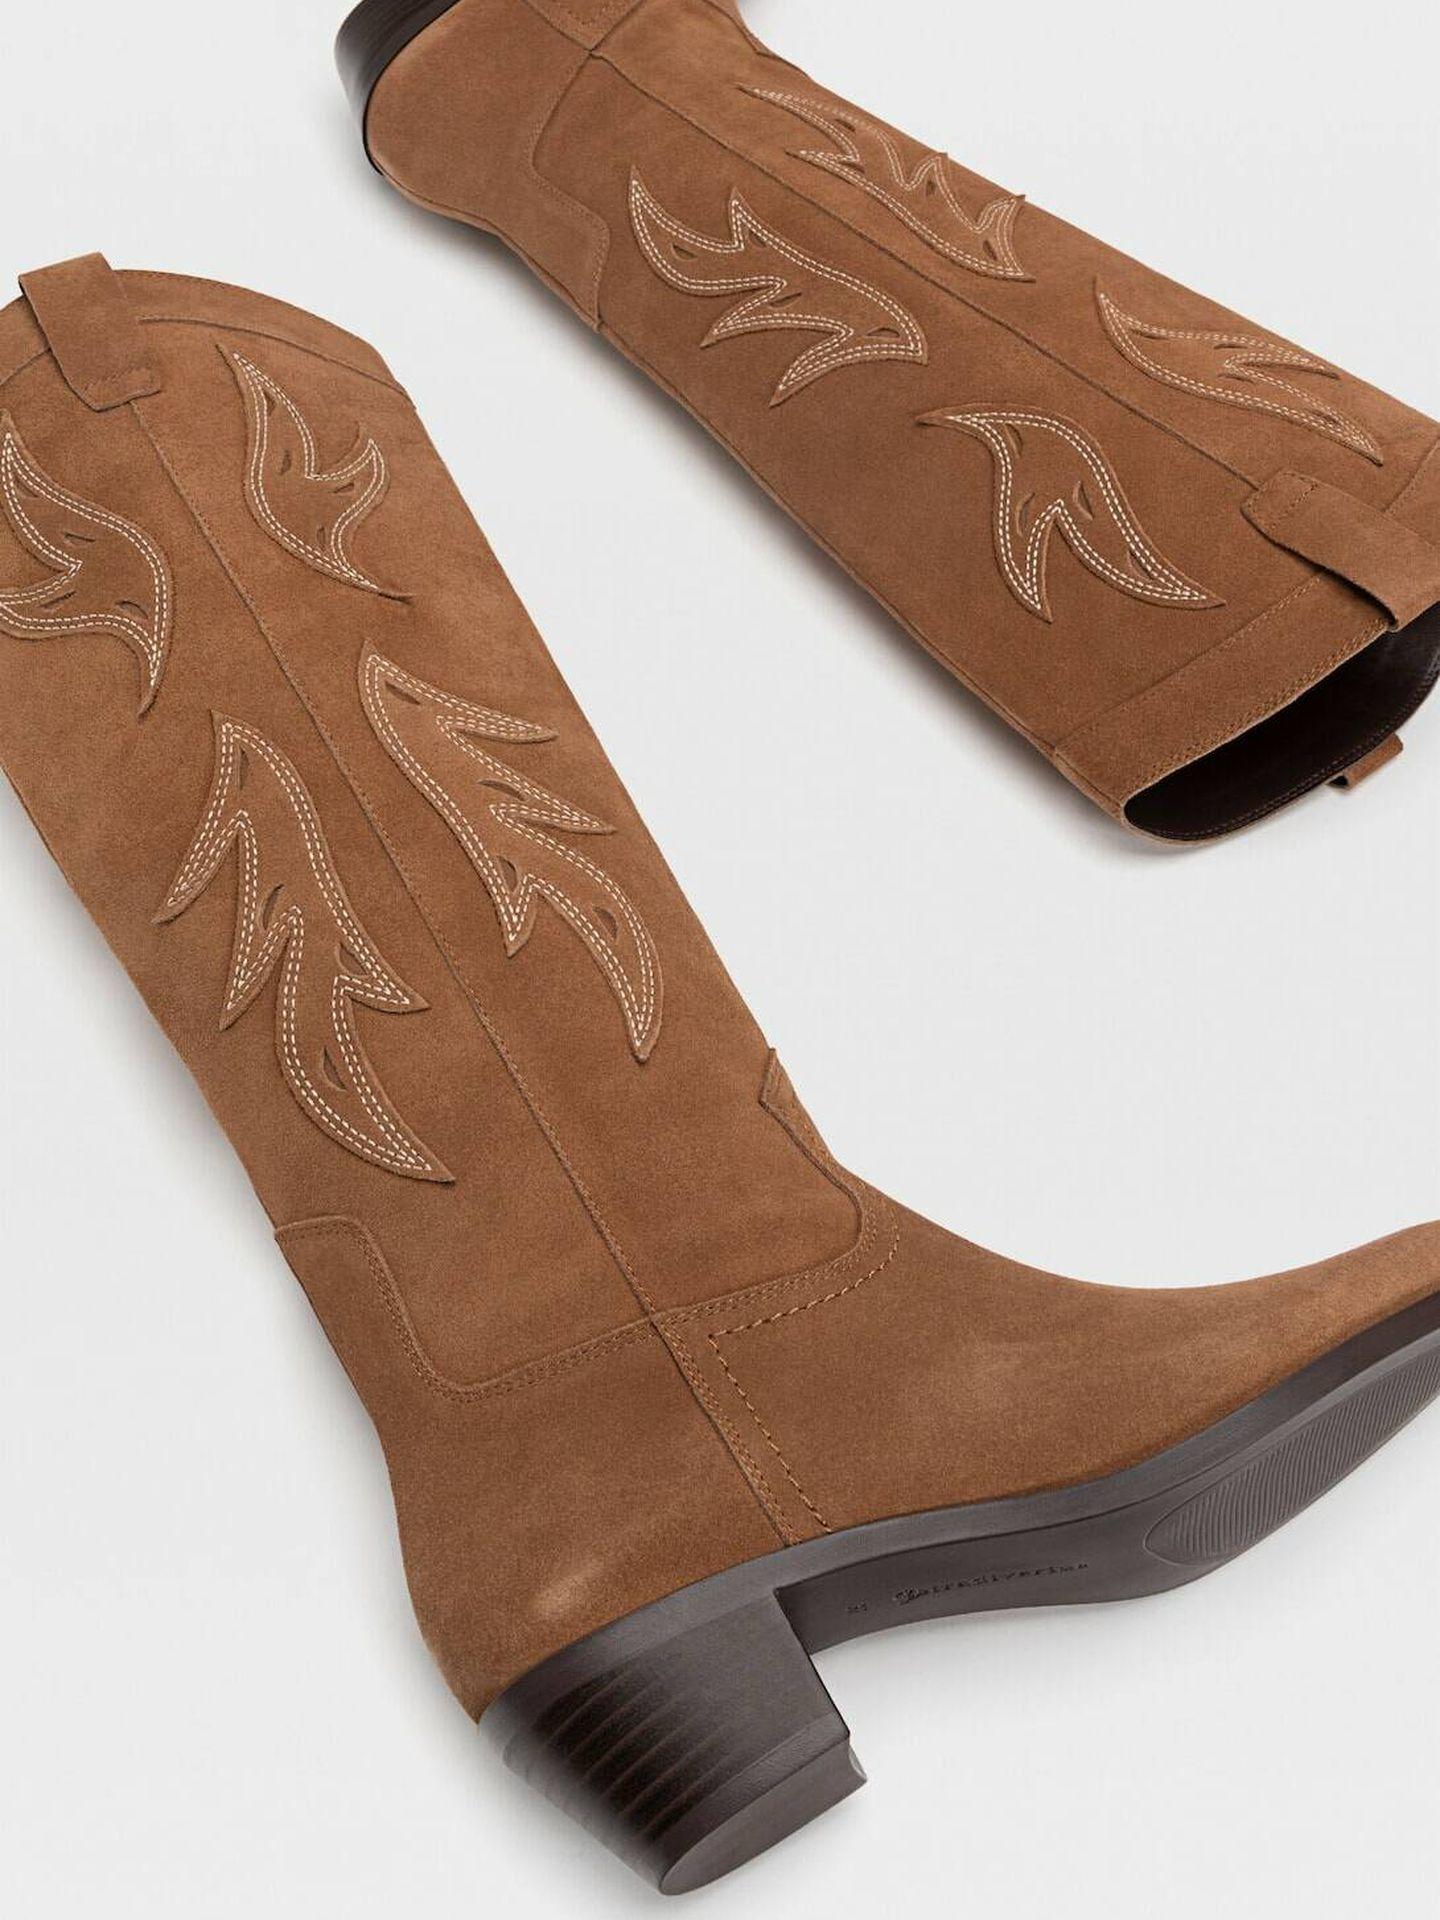 Botas cowboy de Stradivarius. (Cortesía)